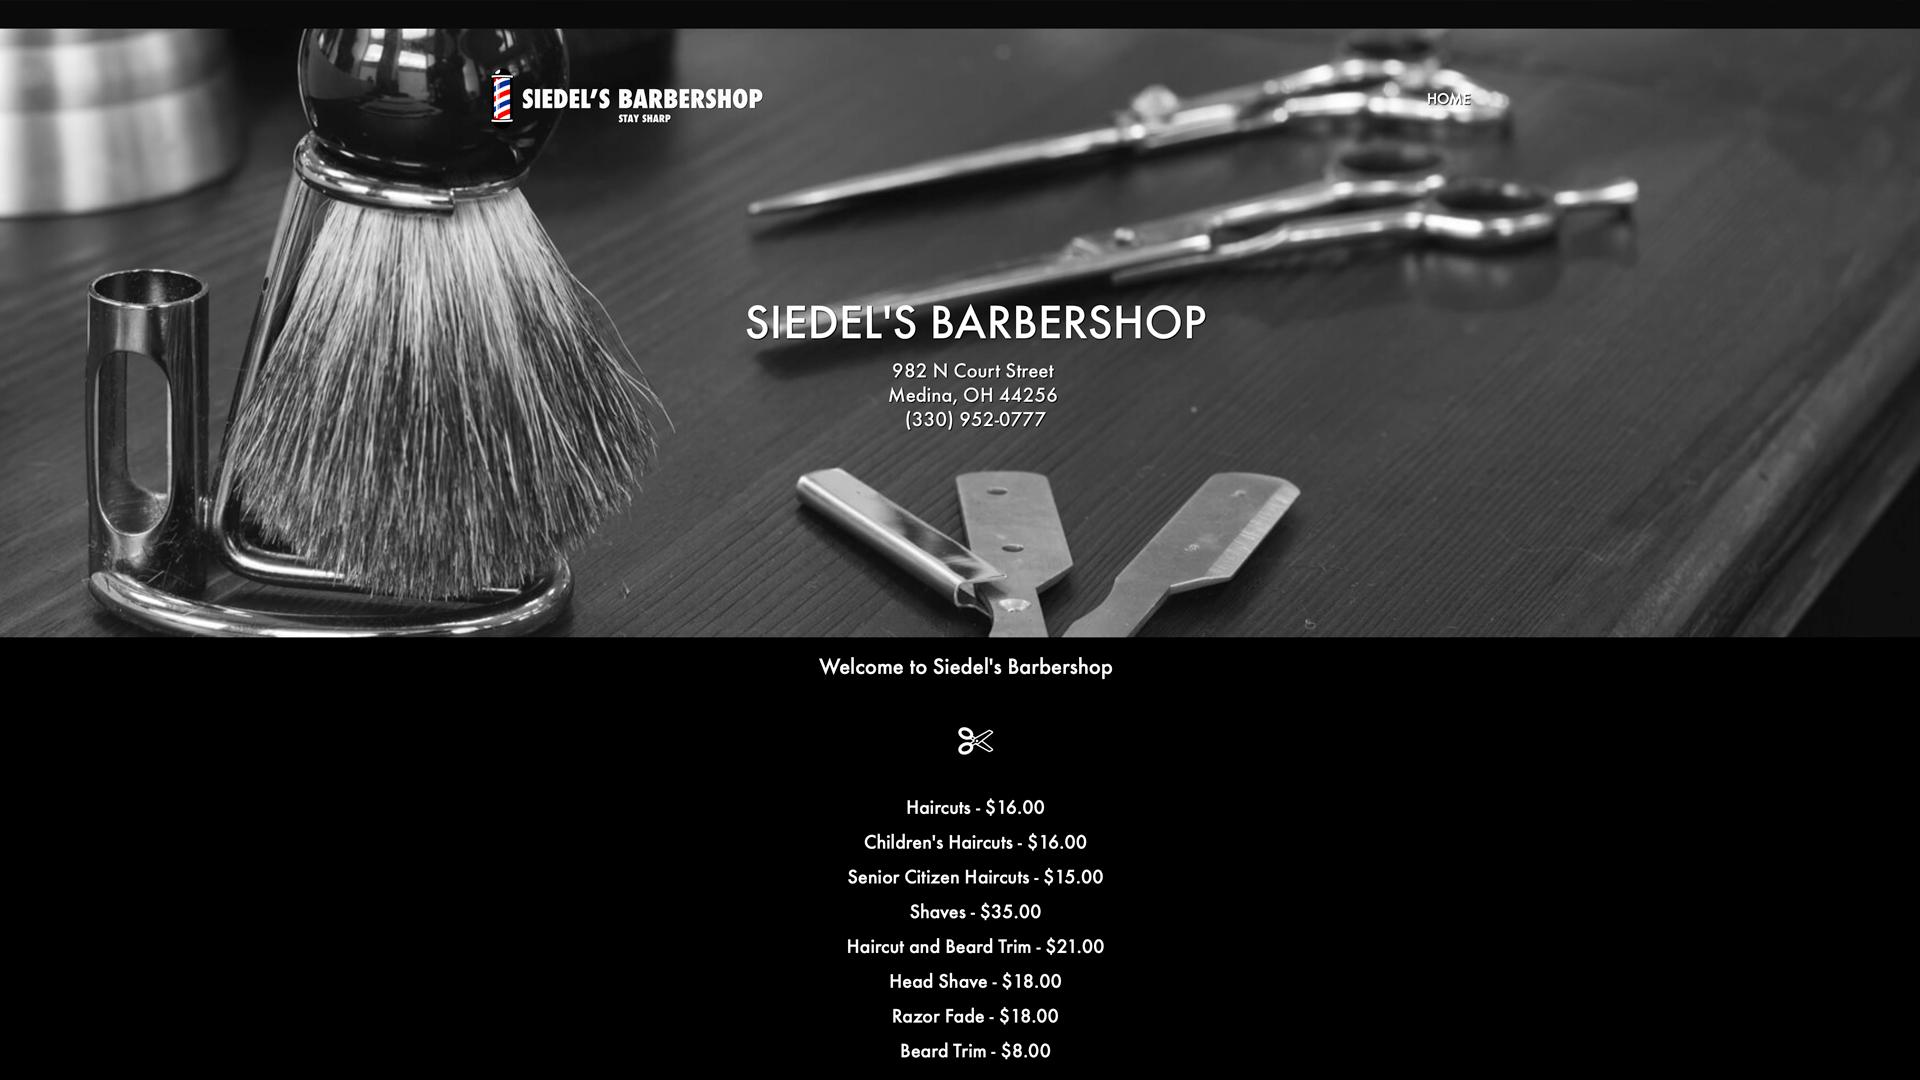 Siedel's Barber Shop